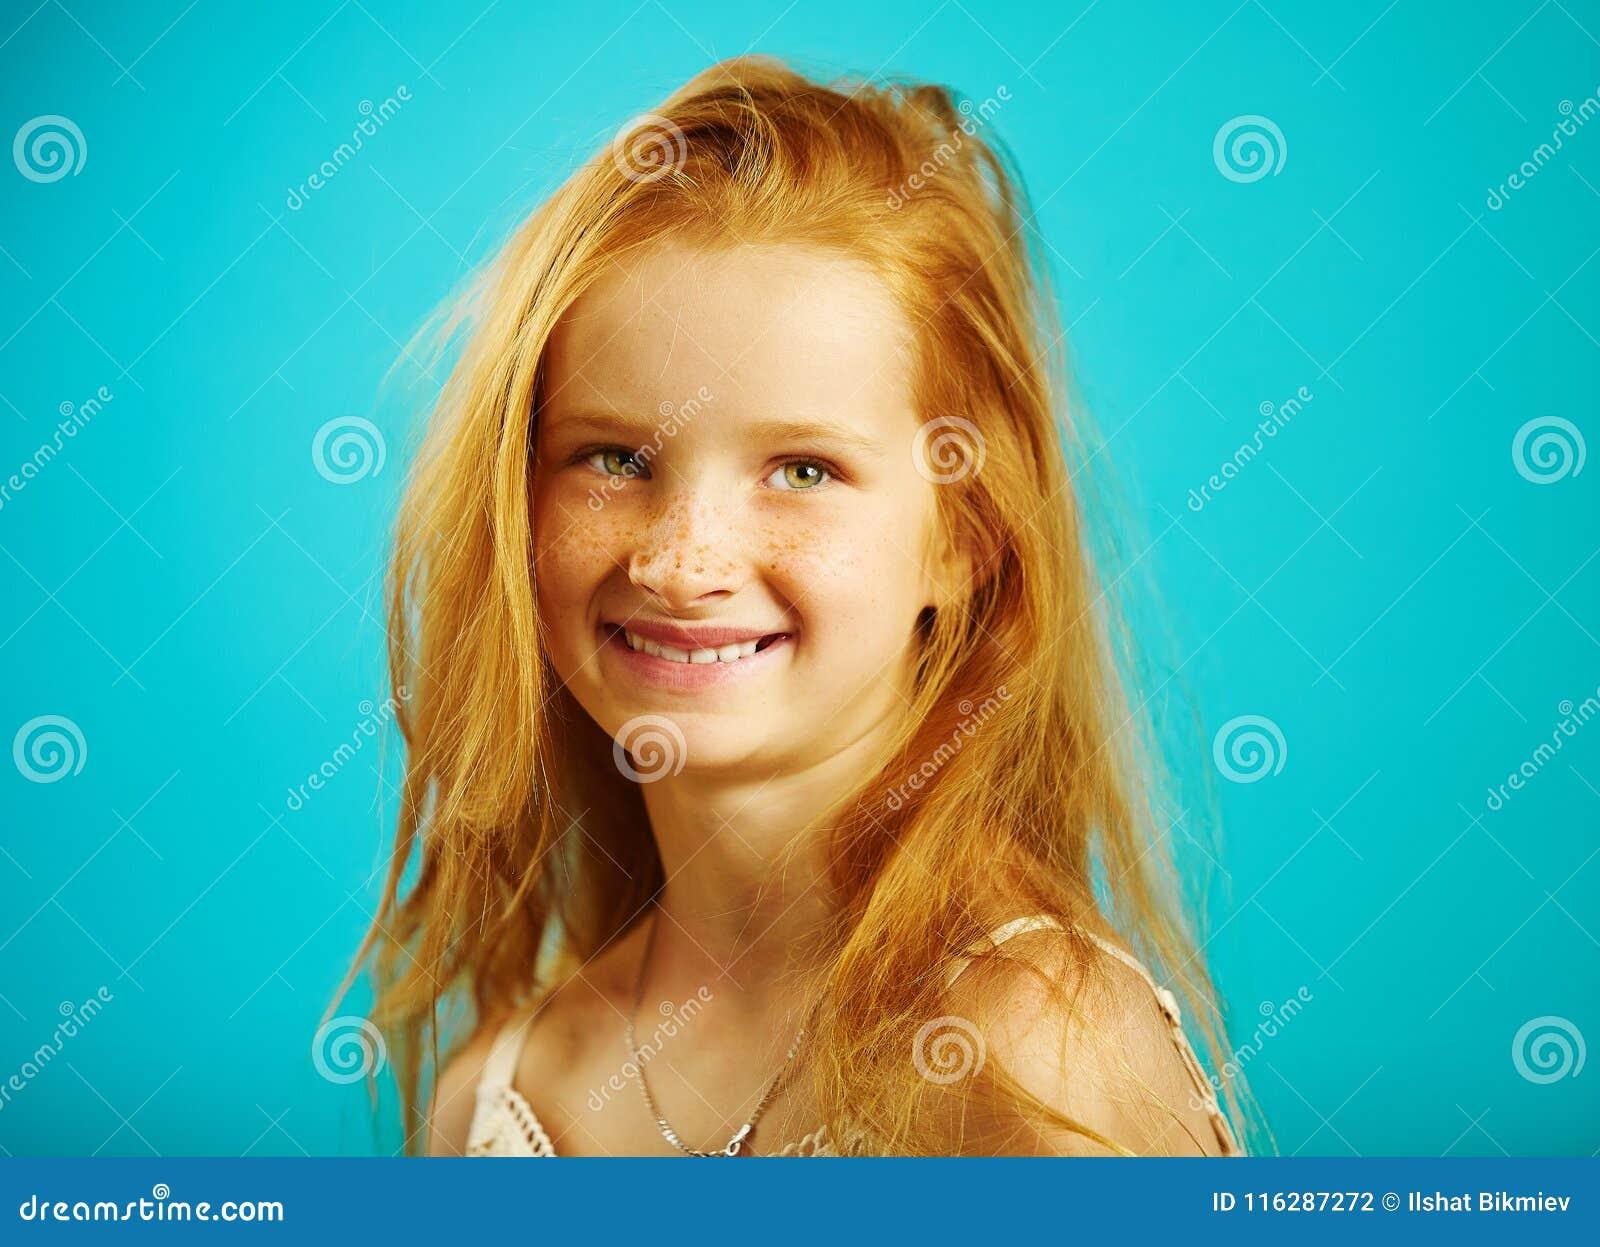 El retrato de la niña siete años con el pelo rojo ardiente, pecas lindas, sonriendo sinceramente, expresa confianza y